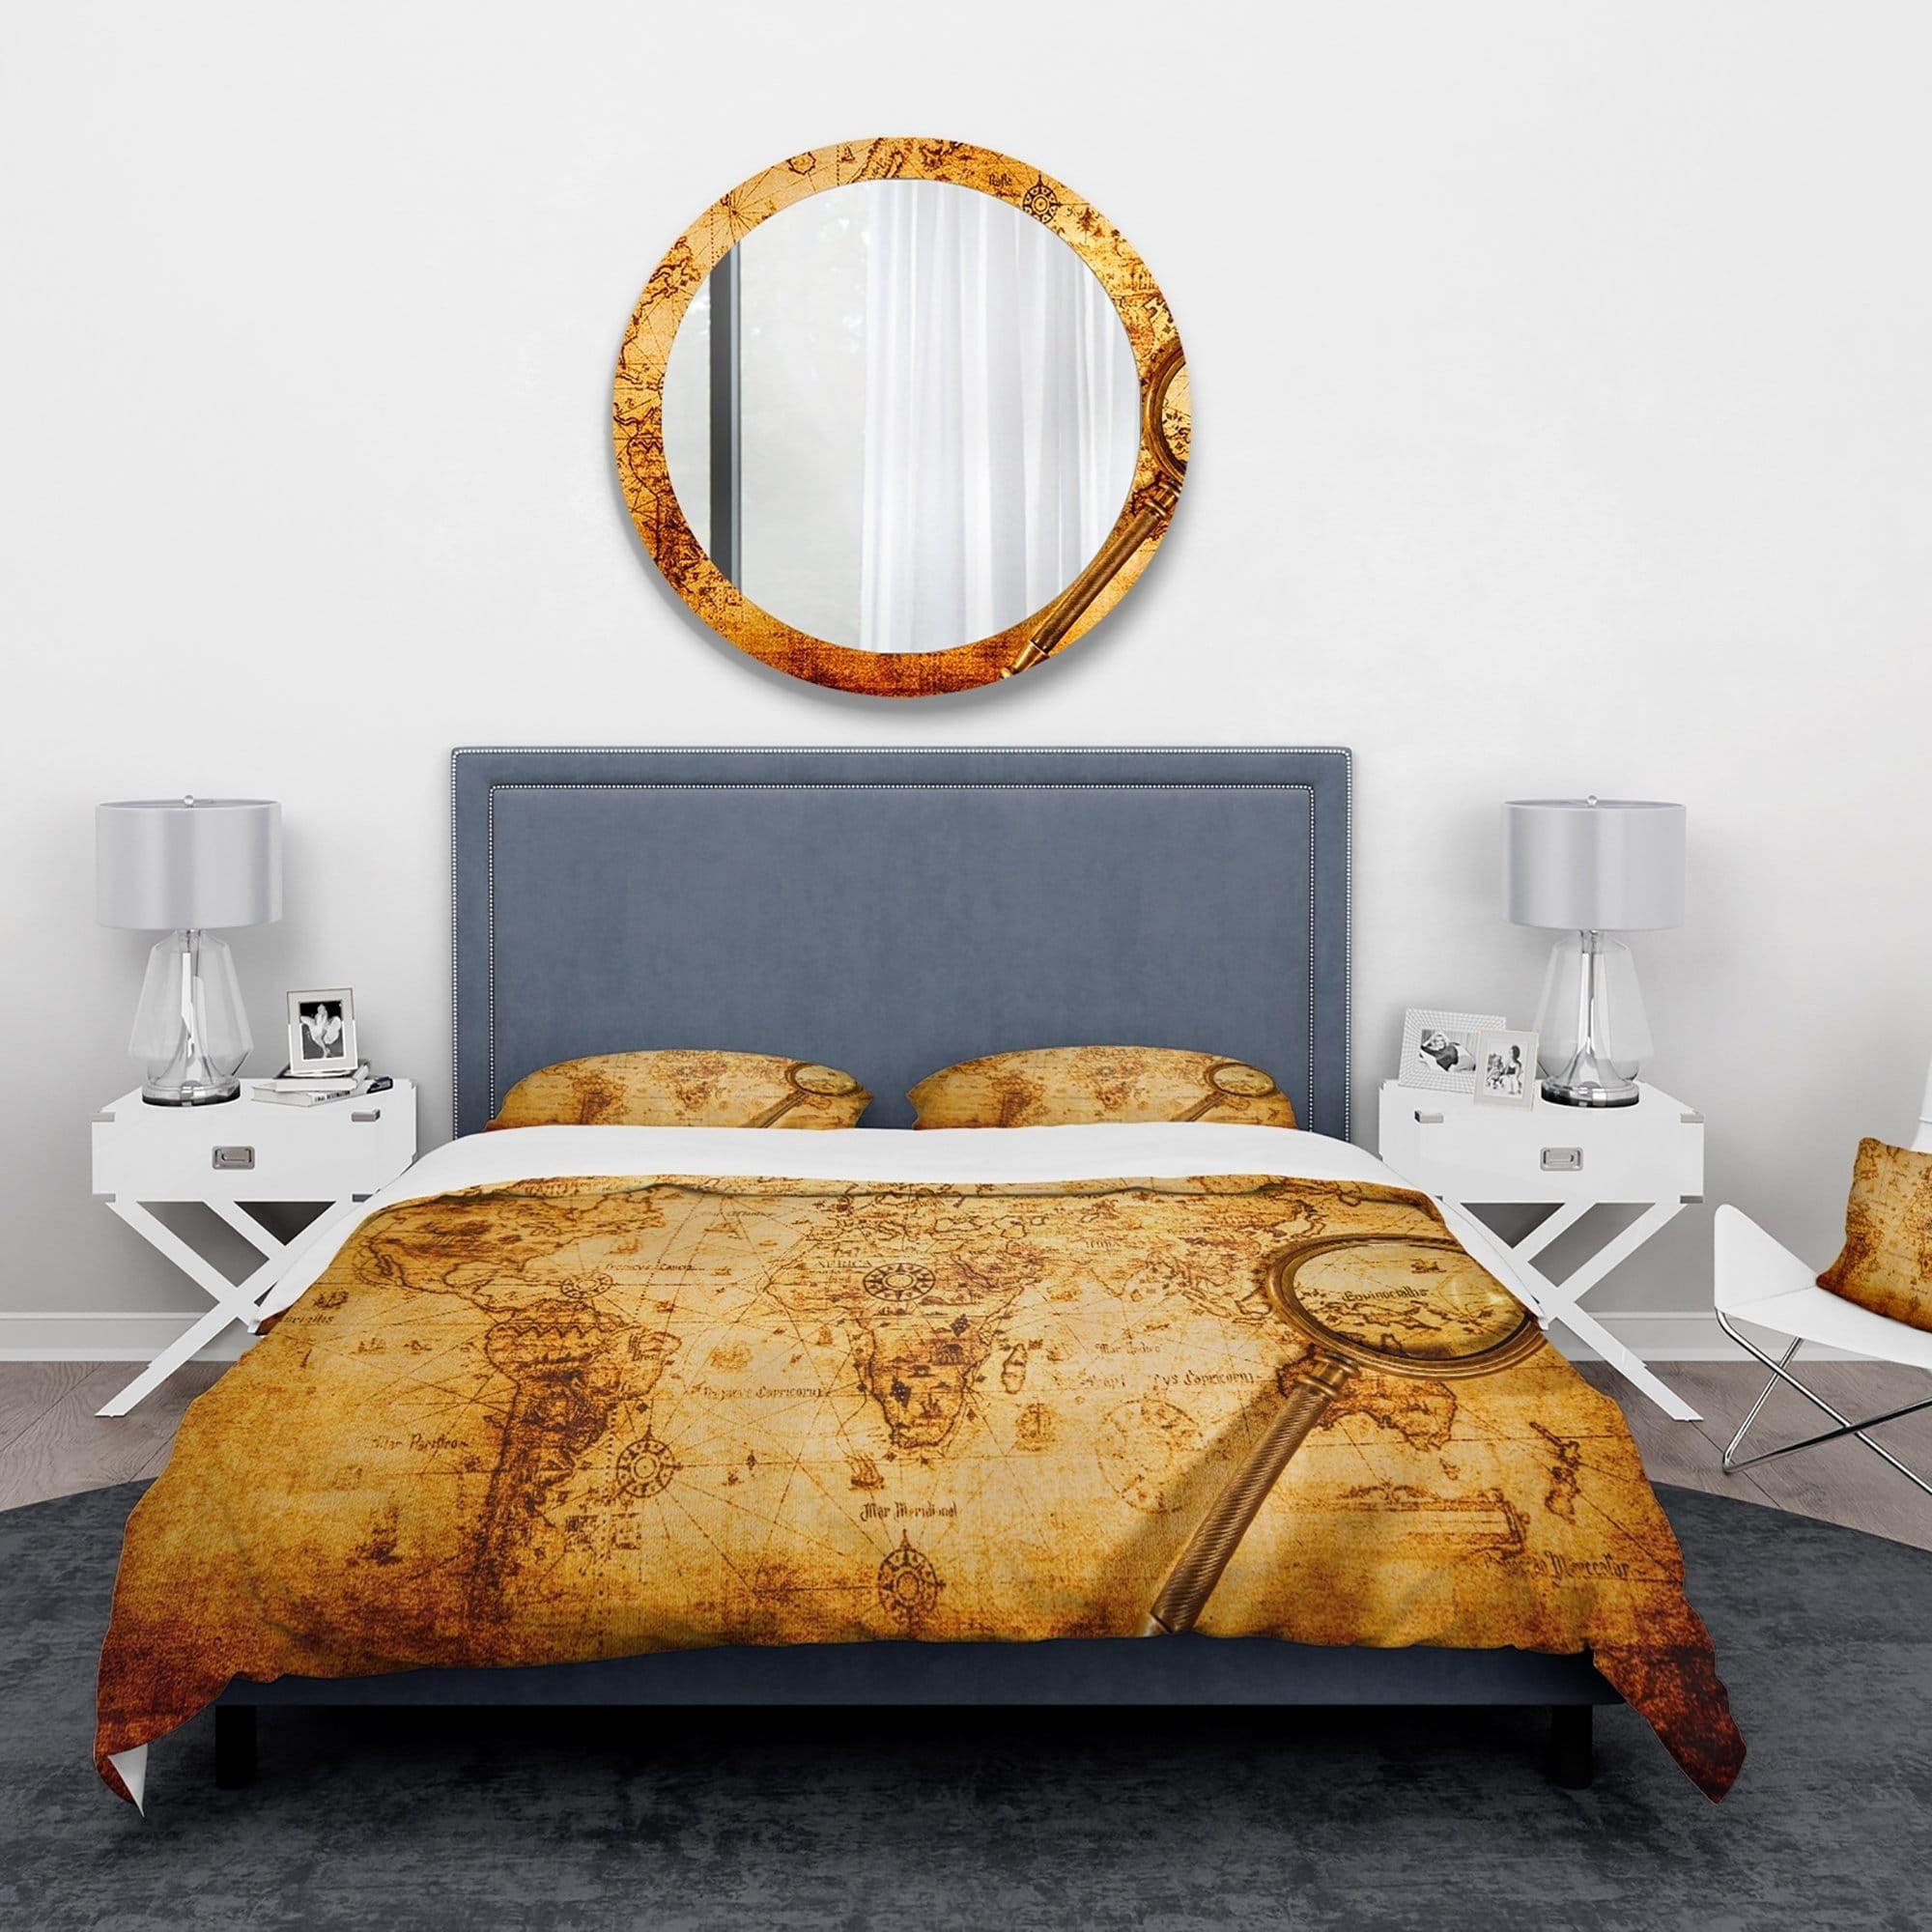 DESIGN ART Designart 'Magnifying Glass on World Map' Abstract Bedding Set - Duvet Cover & Shams